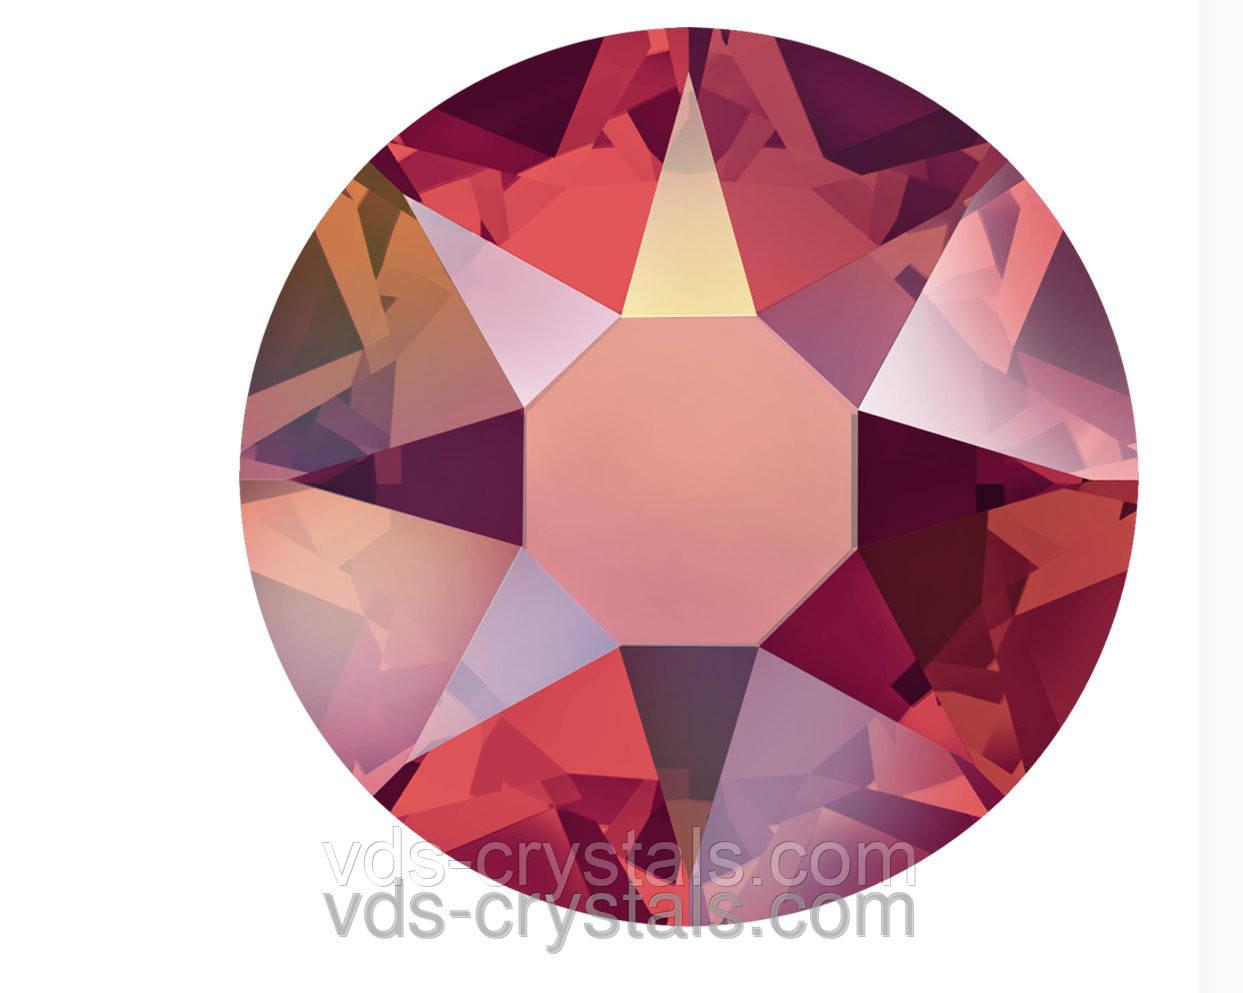 Кристали Swarovski клейові гарячої фіксації 2078 Light Siam AB F (227 AB)